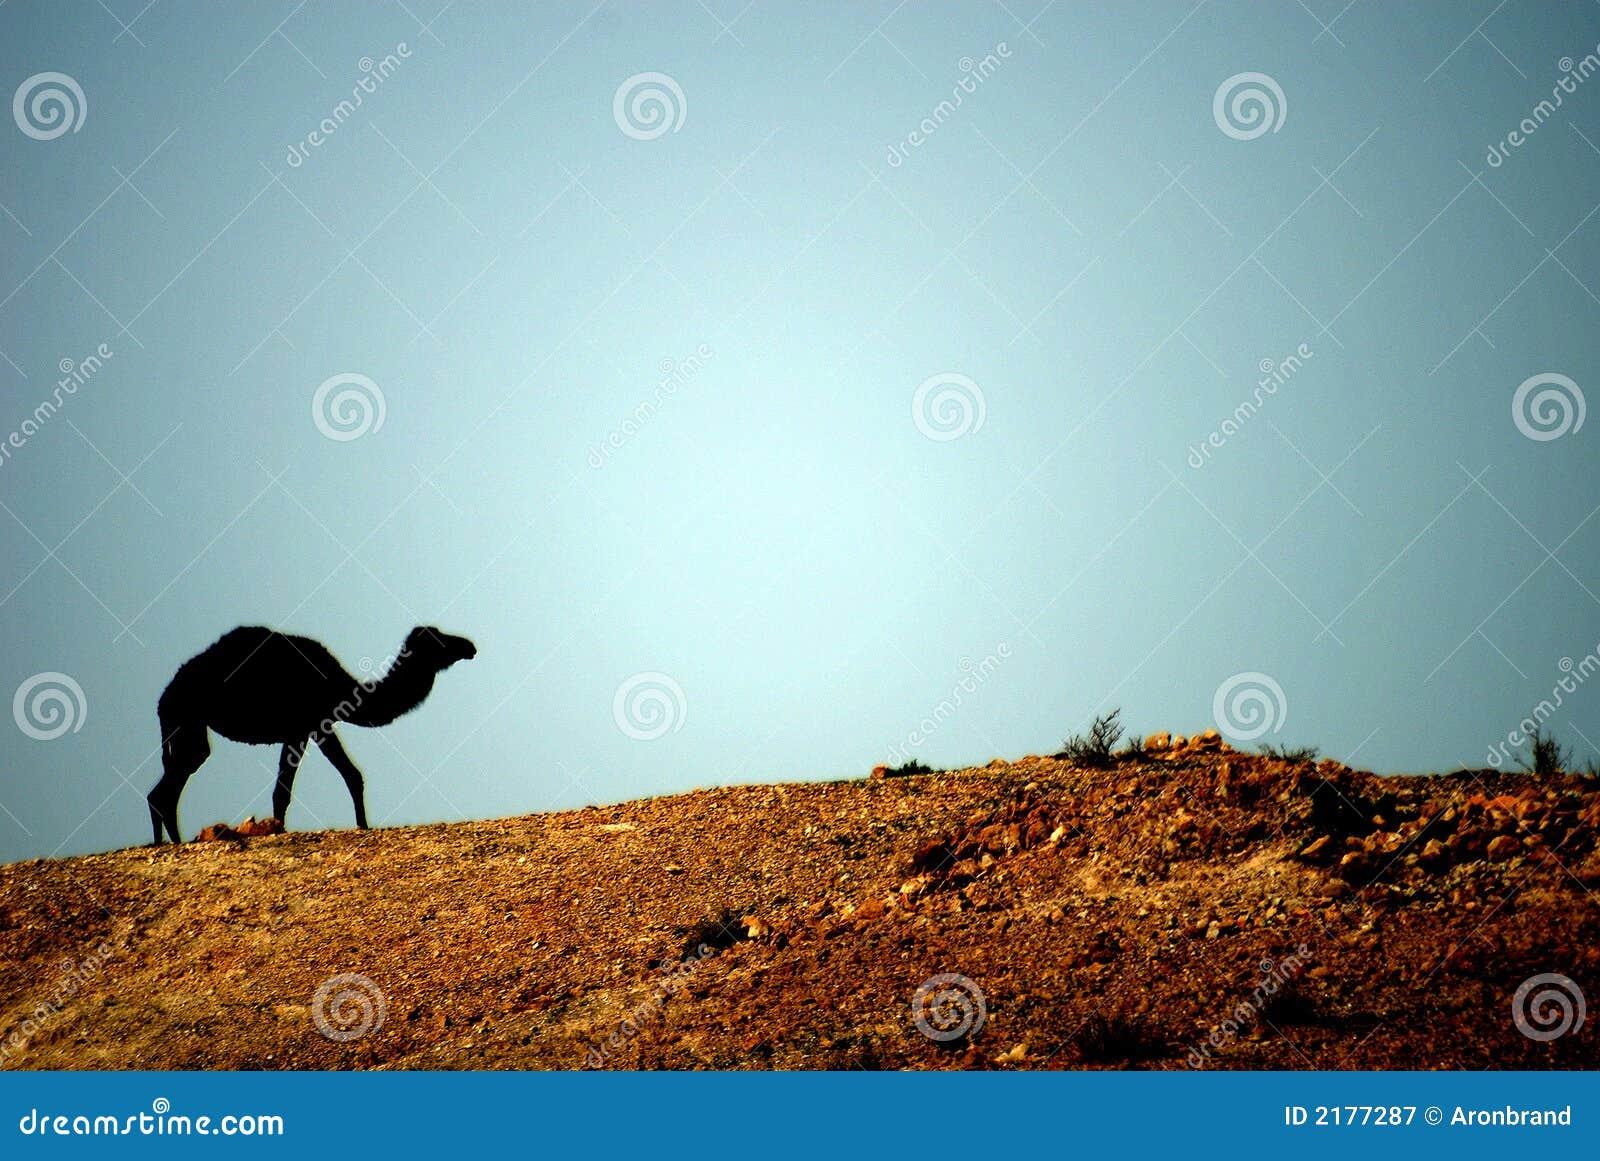 Camello en el de de Oriente Medio